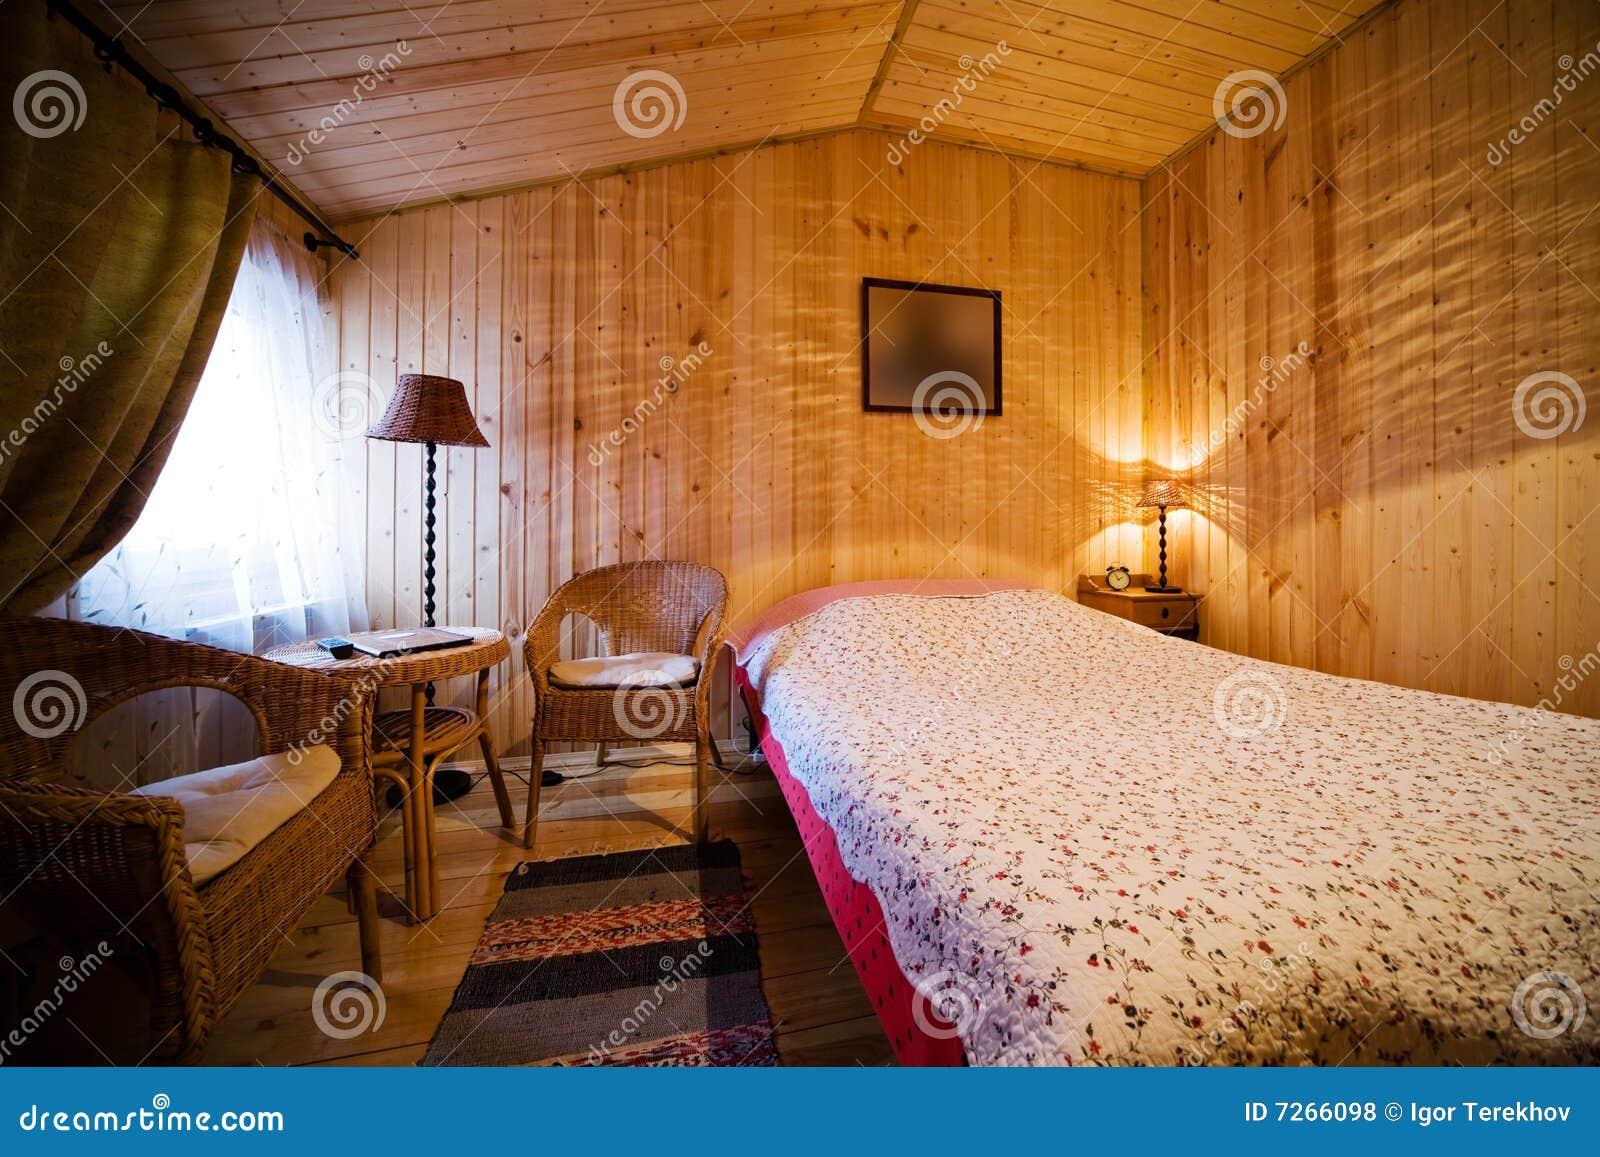 Houten Tekstborden Slaapkamer : Houten tekstborden slaapkamer beste ideen over huis en interieur